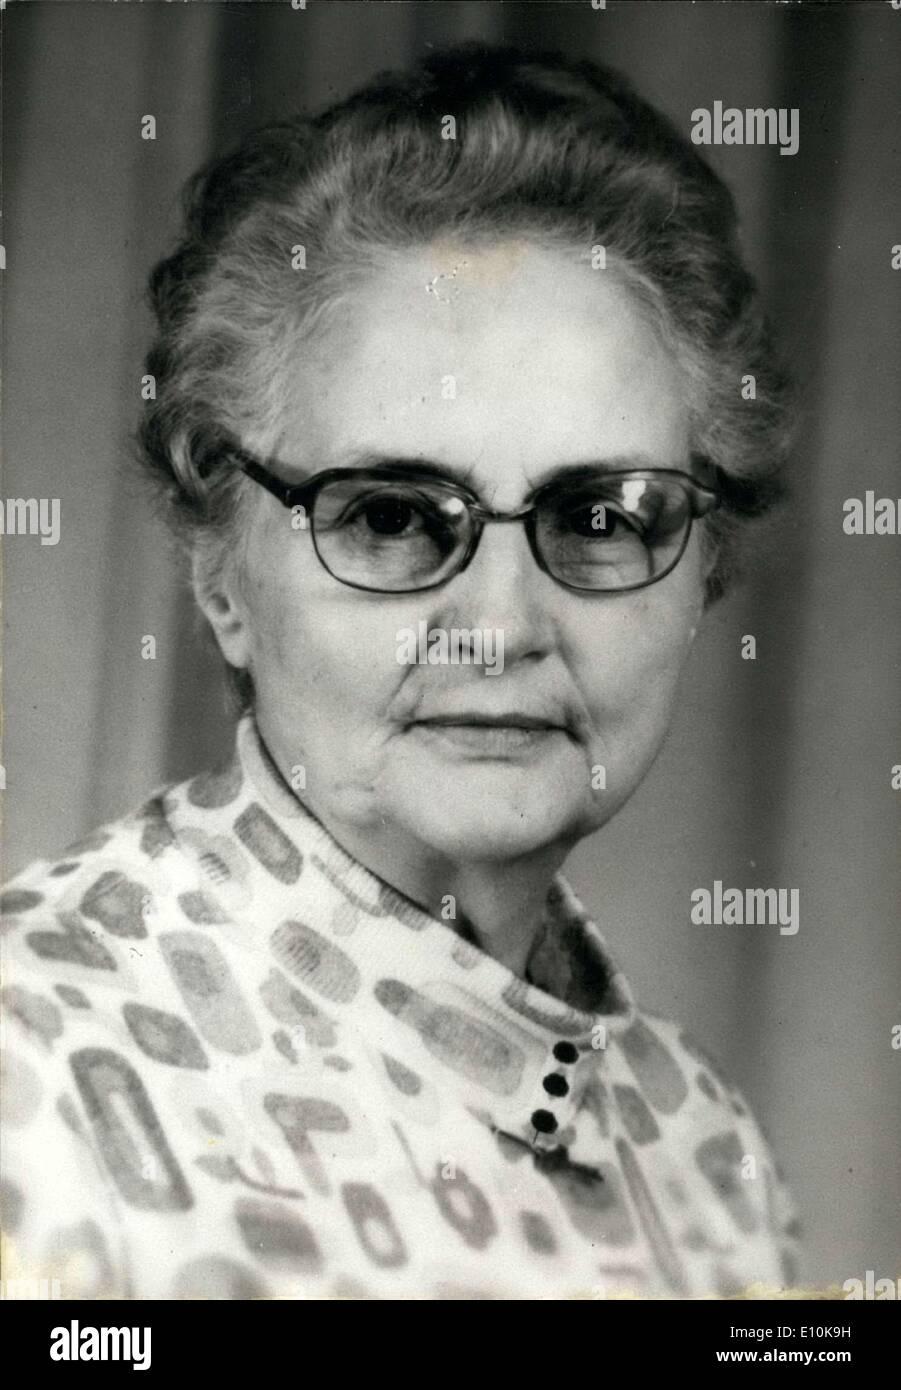 Abril 02, 1973 - Por primera vez en la historia, una mujer, la Sra. Lucienne Havart, presidirá Francia de ahorro y fondo de contingencia. Imagen De Stock